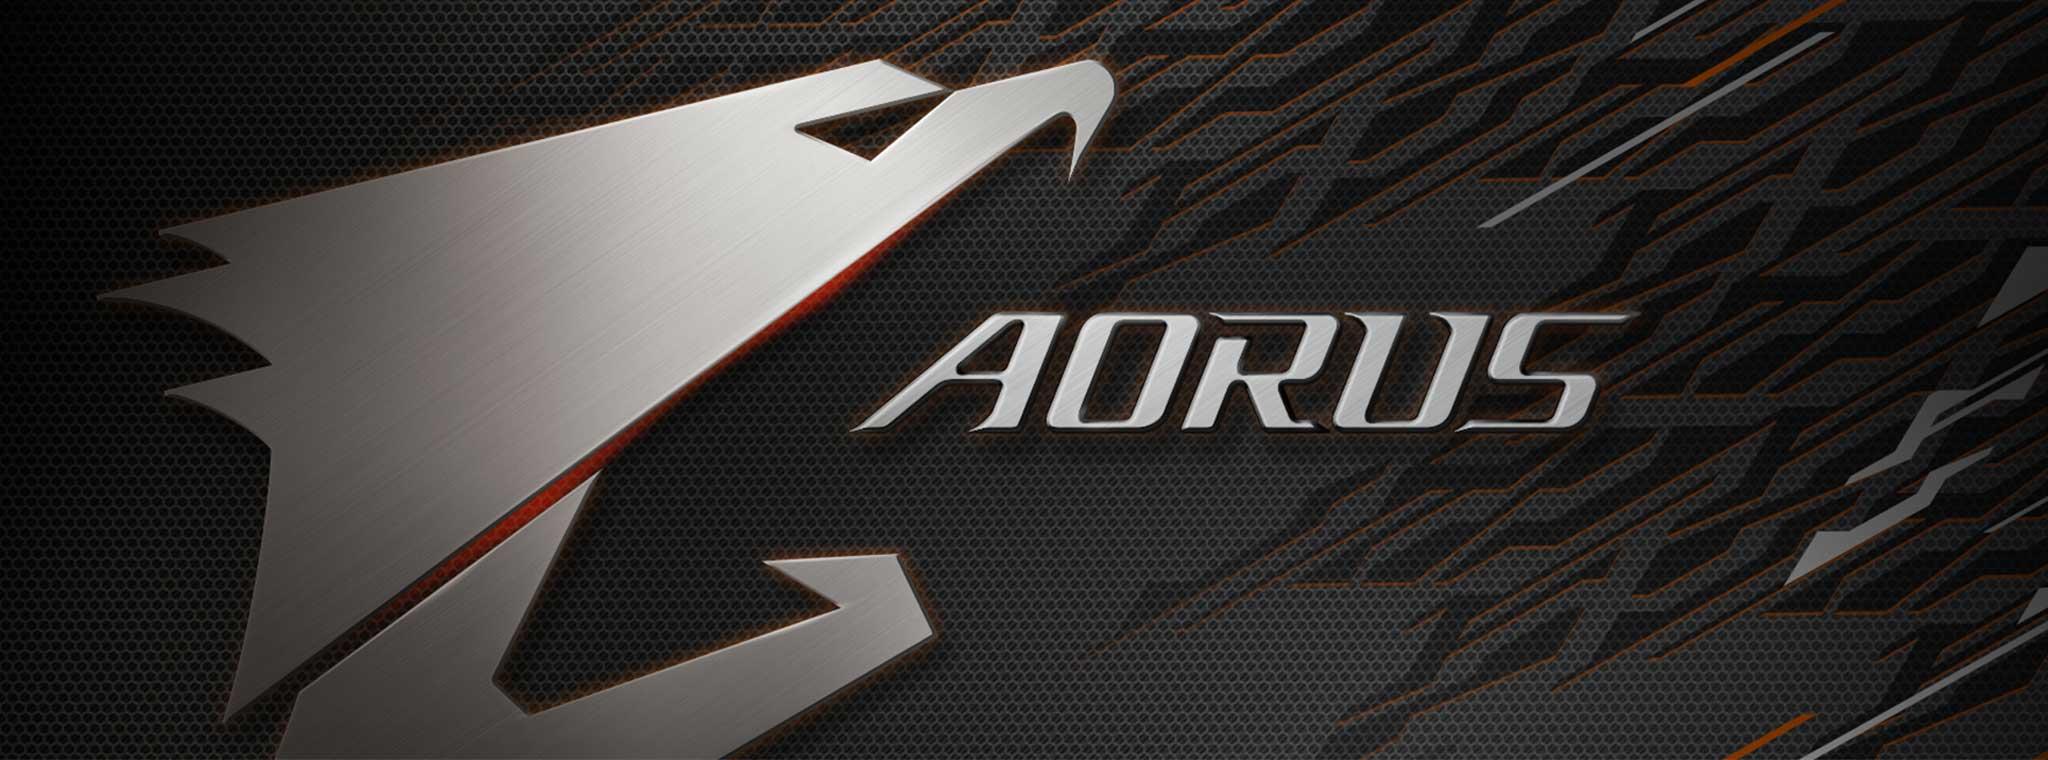 جيجابايت تكشف عن سلسلة بطاقات Aorus RX 500